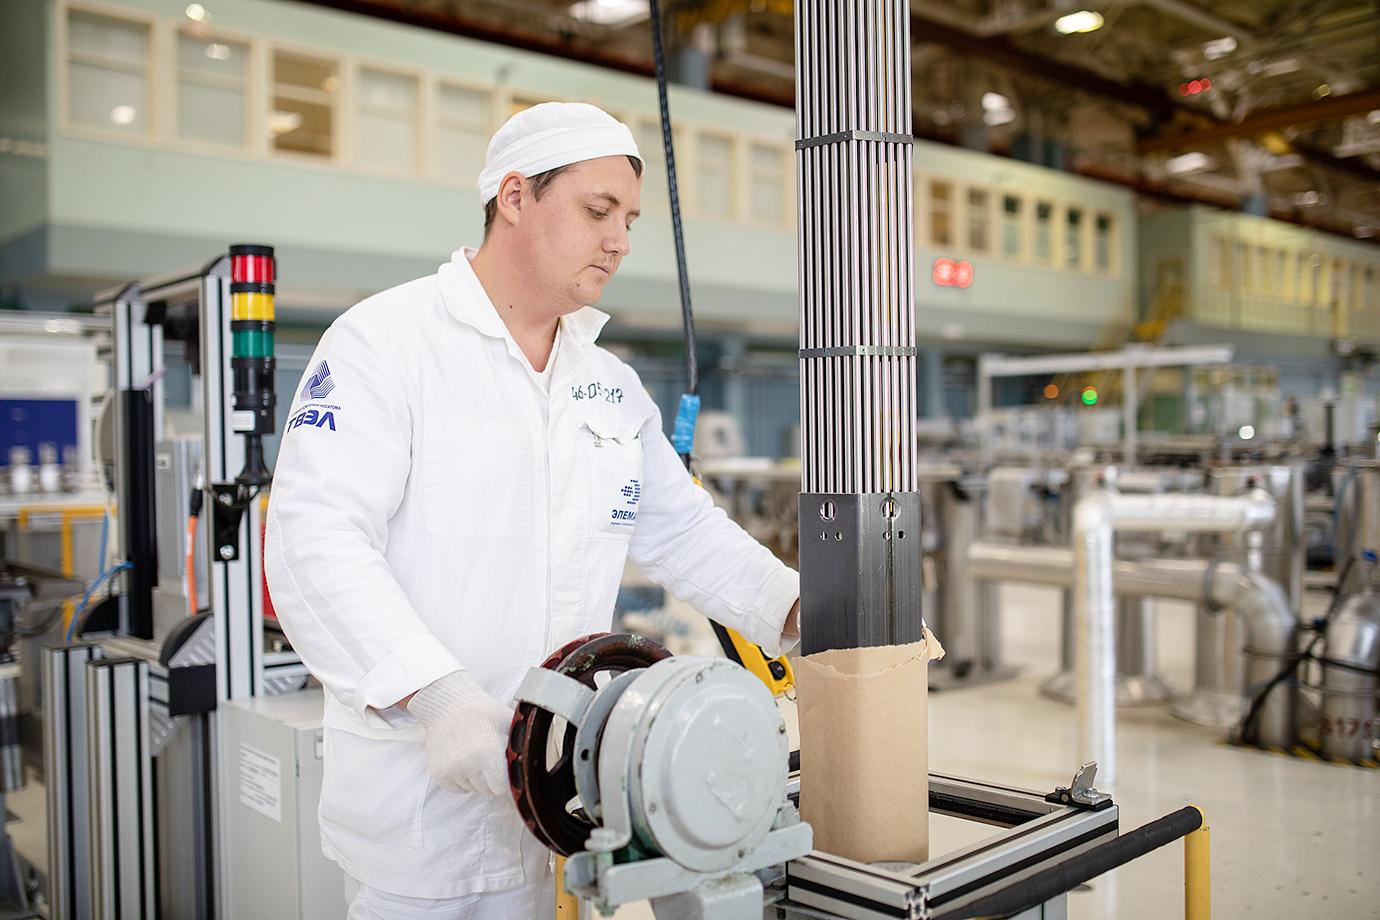 jaderná energie - Rosatom dokončil vývoj nové modifikace jaderného paliva pro maďarský Paks - Palivový cyklus (Výroba jaderného paliva pro reaktory VVER 440 v podniku MSZ) 2